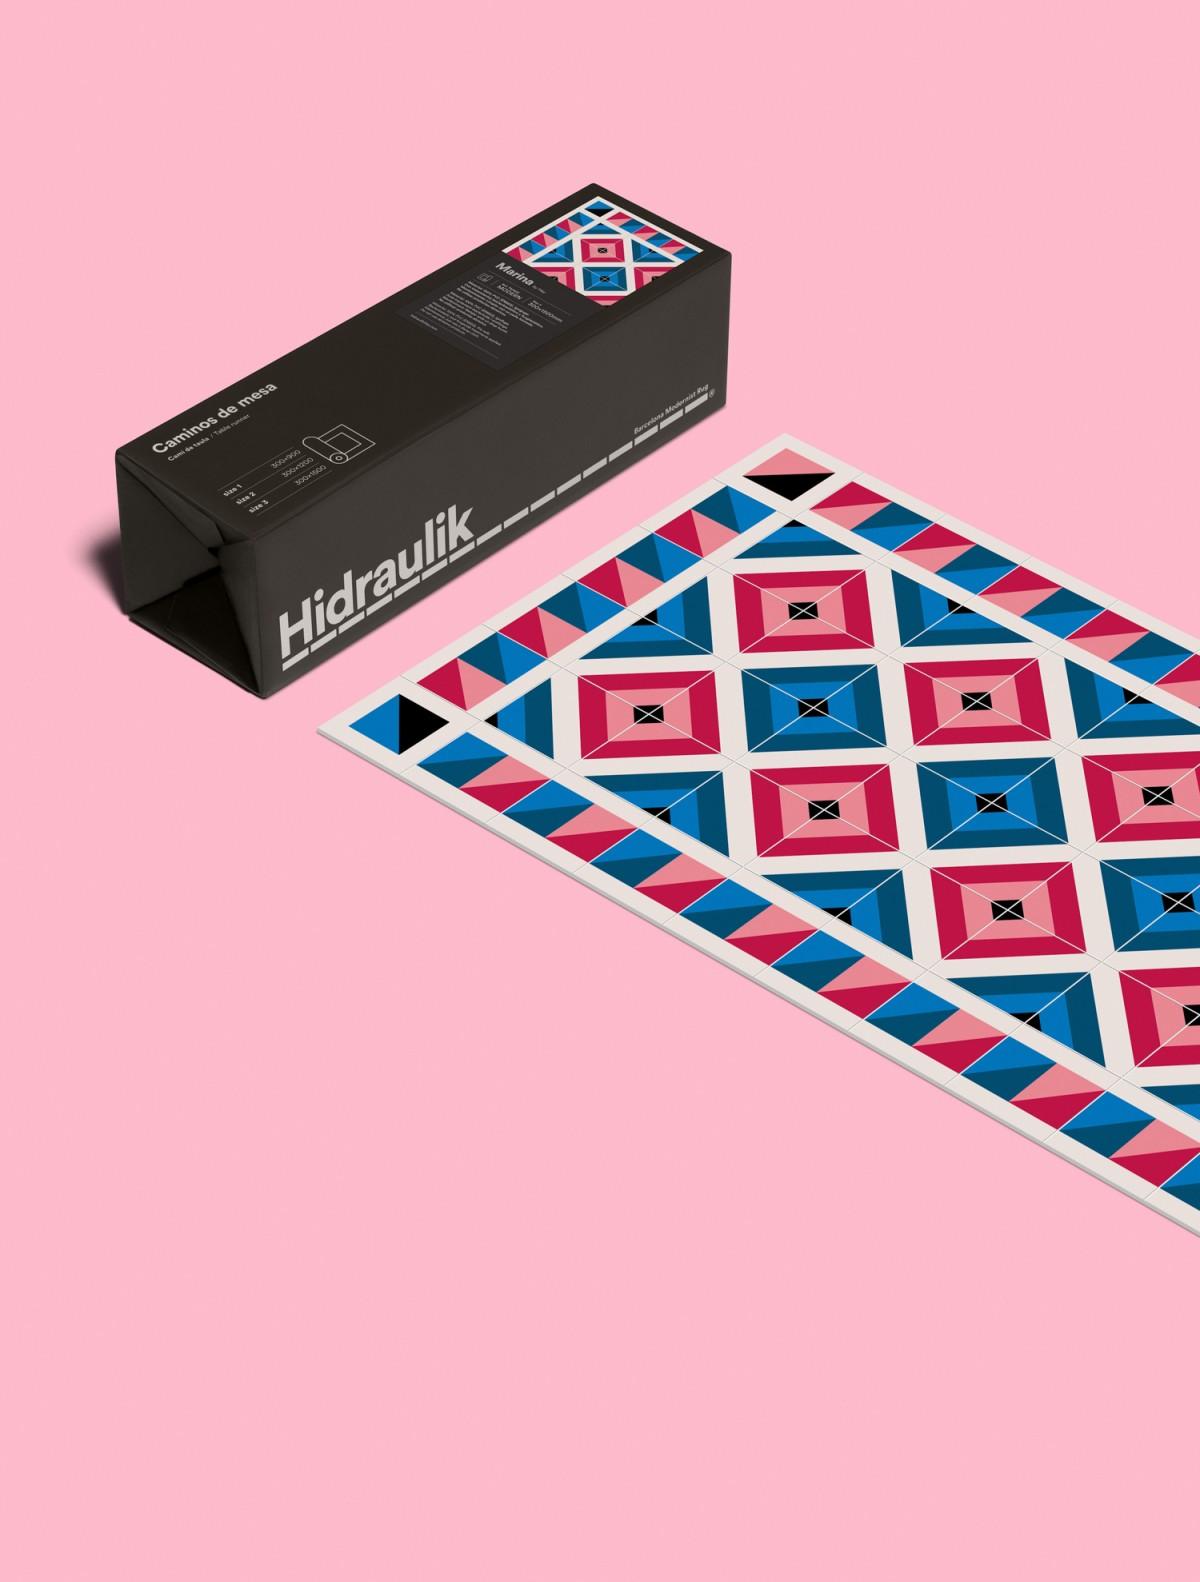 Hidraulik地垫、桌垫和跑步机产品品牌包装设计,logo设计